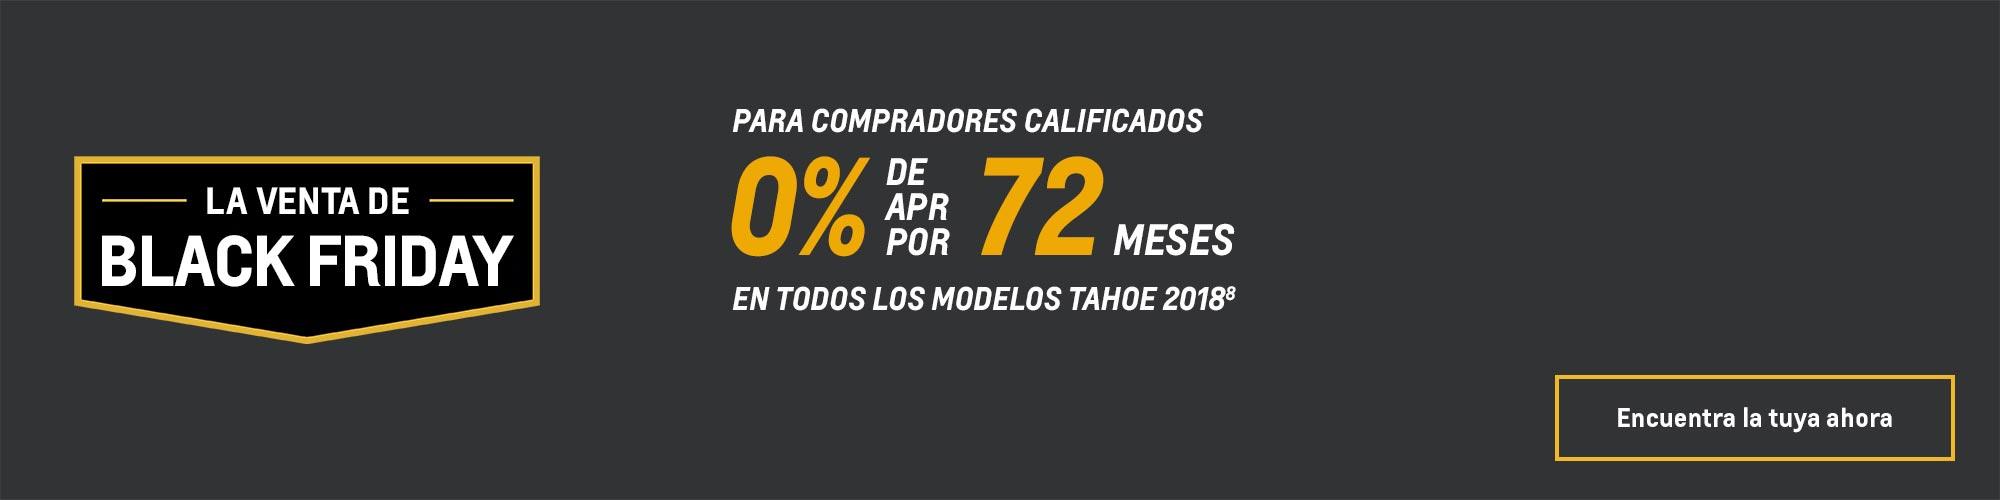 Ofertas Black Friday de Chevy: Tahoe 2018: 0% de APR